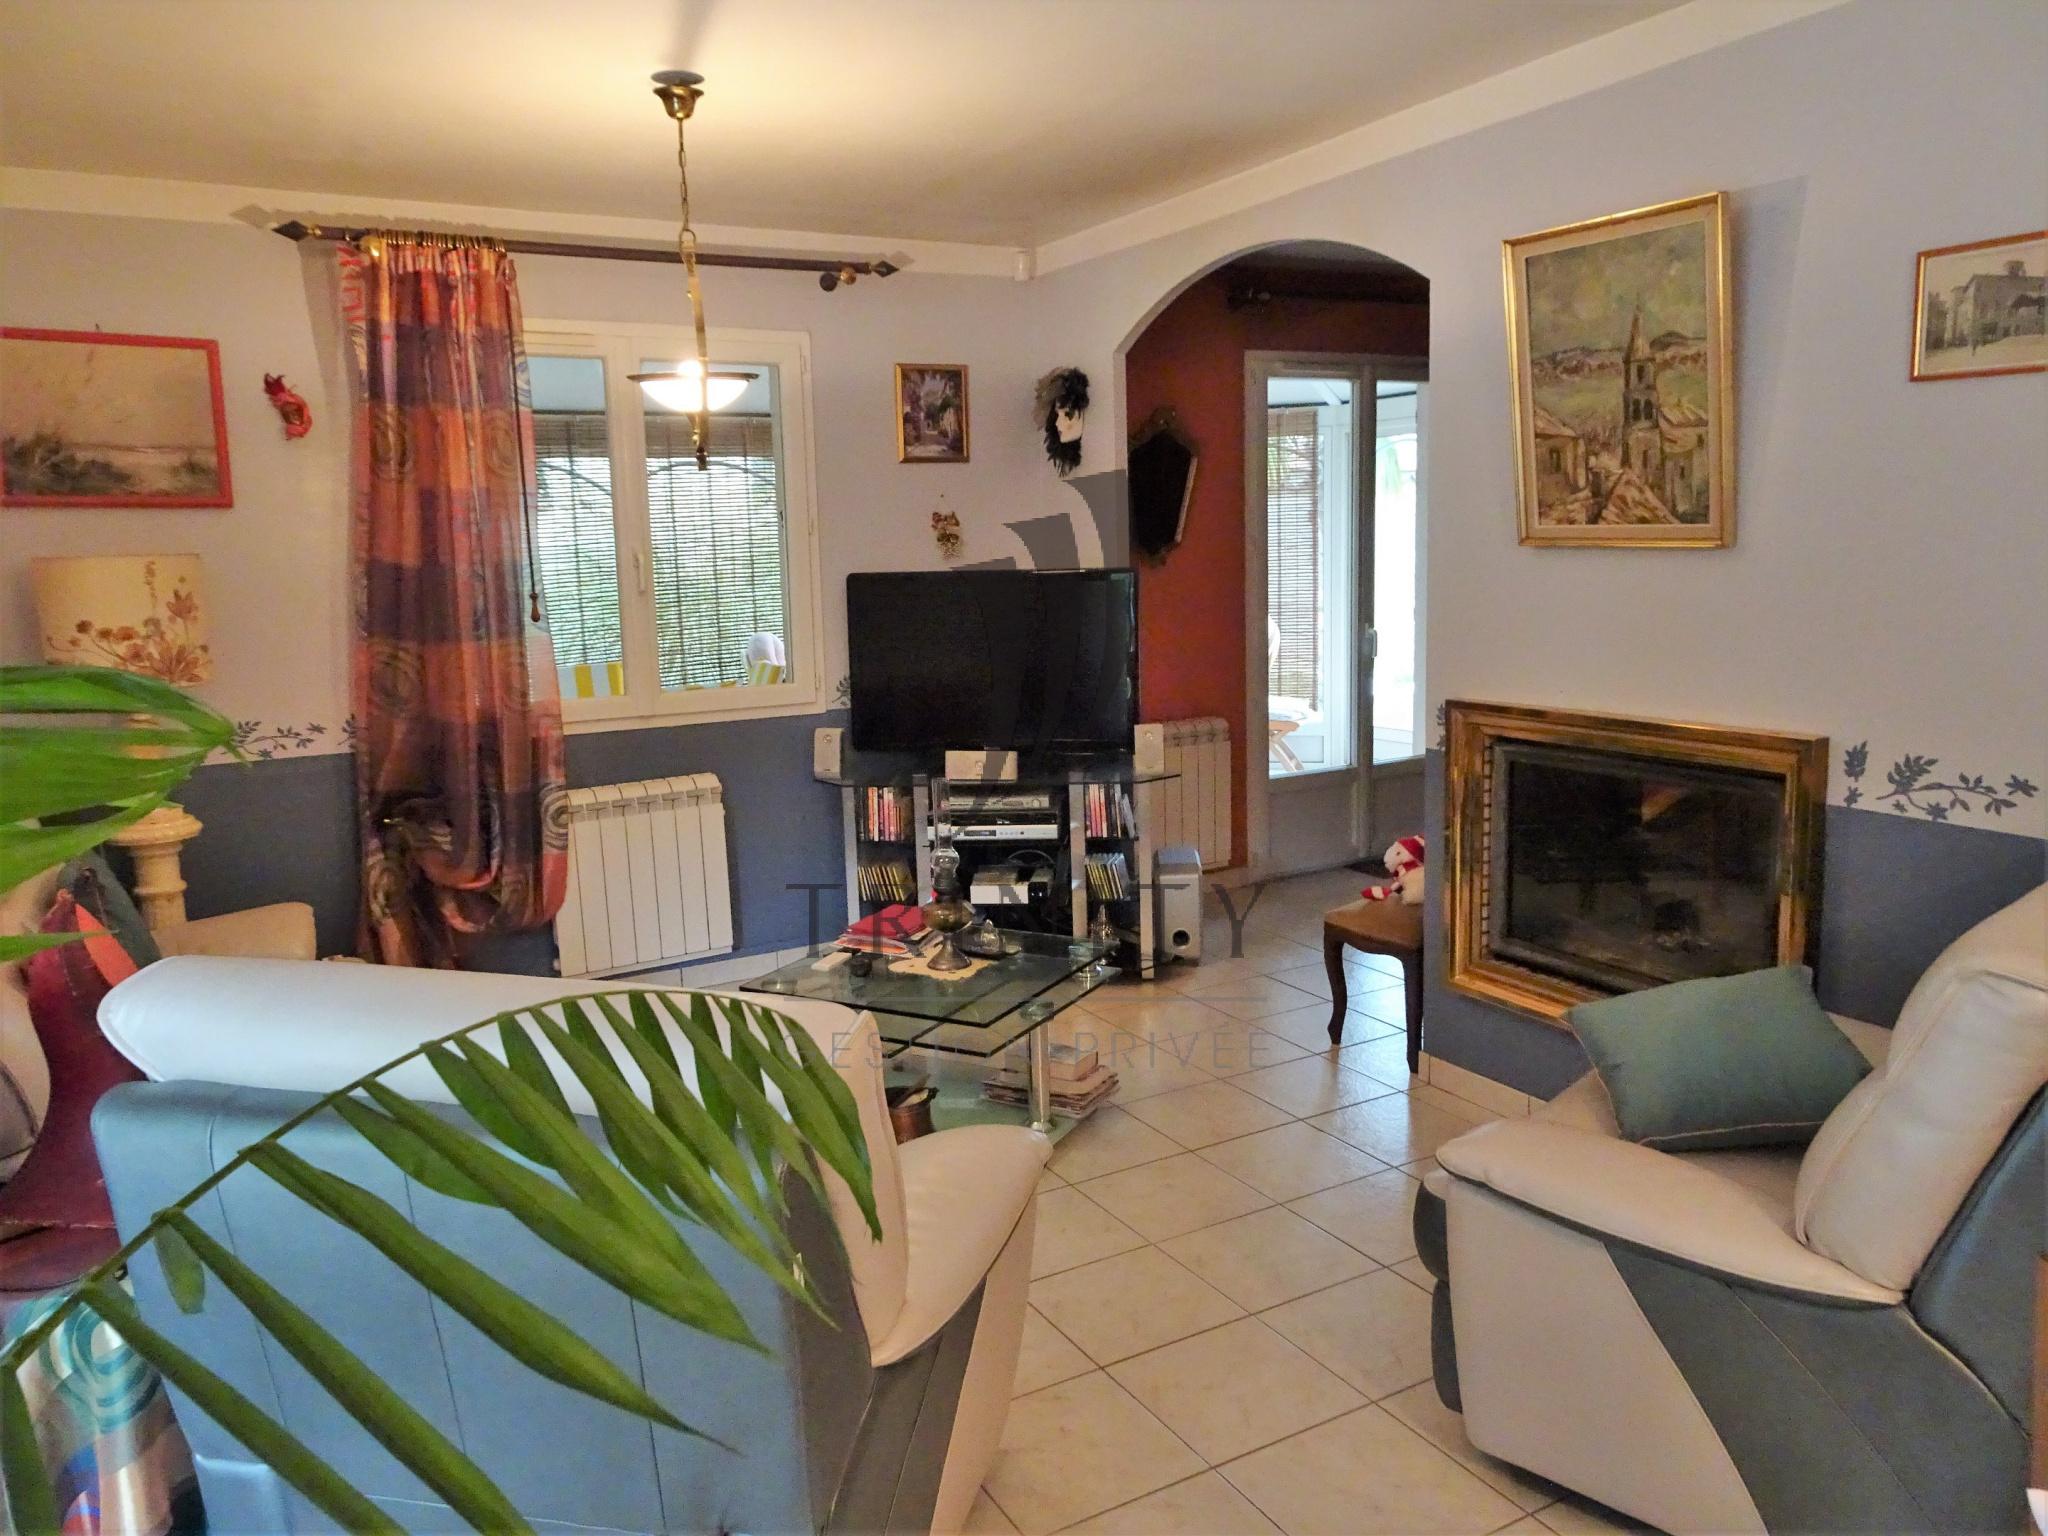 maison pic valence trendy annonces maison vendre et plus pices valence dagen with maison pic. Black Bedroom Furniture Sets. Home Design Ideas